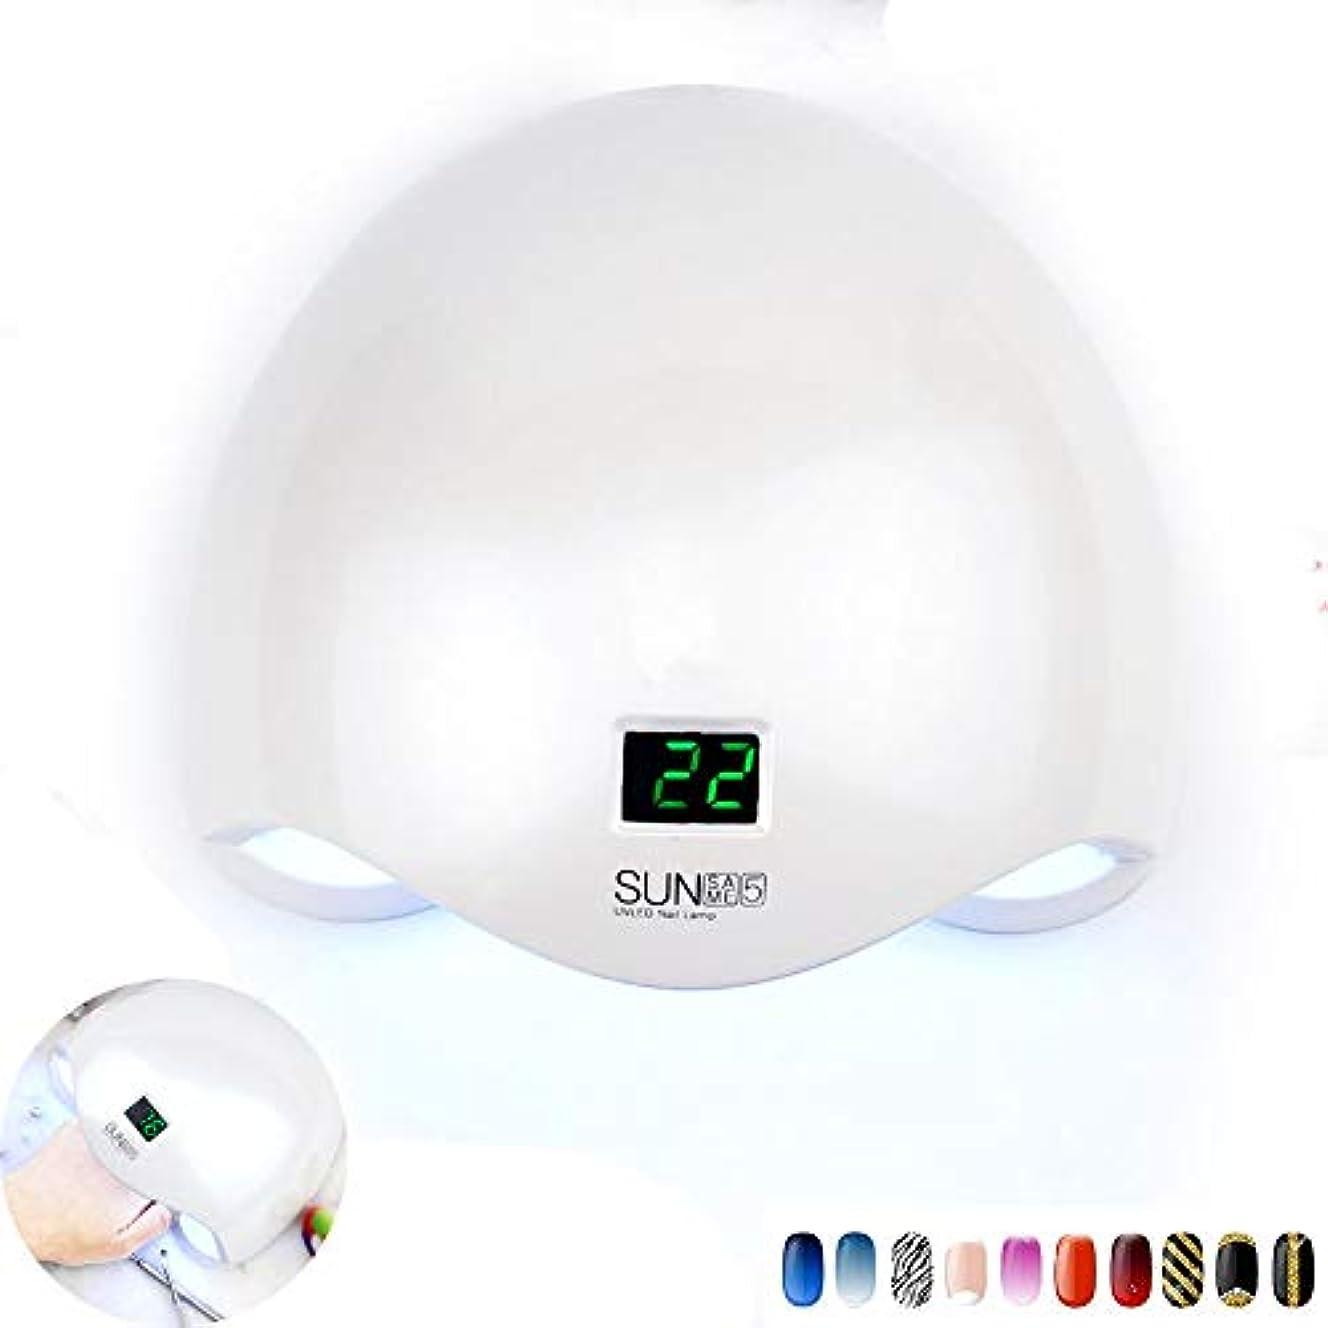 パスタクリスマス勇気UV LED 48wネイルライトドライヤーネイルランプバッテリー付き24 LED硬化ネイルジェルポリッシュポリッシャーマニキュア機タイマーボタン付き,Chargingmodel